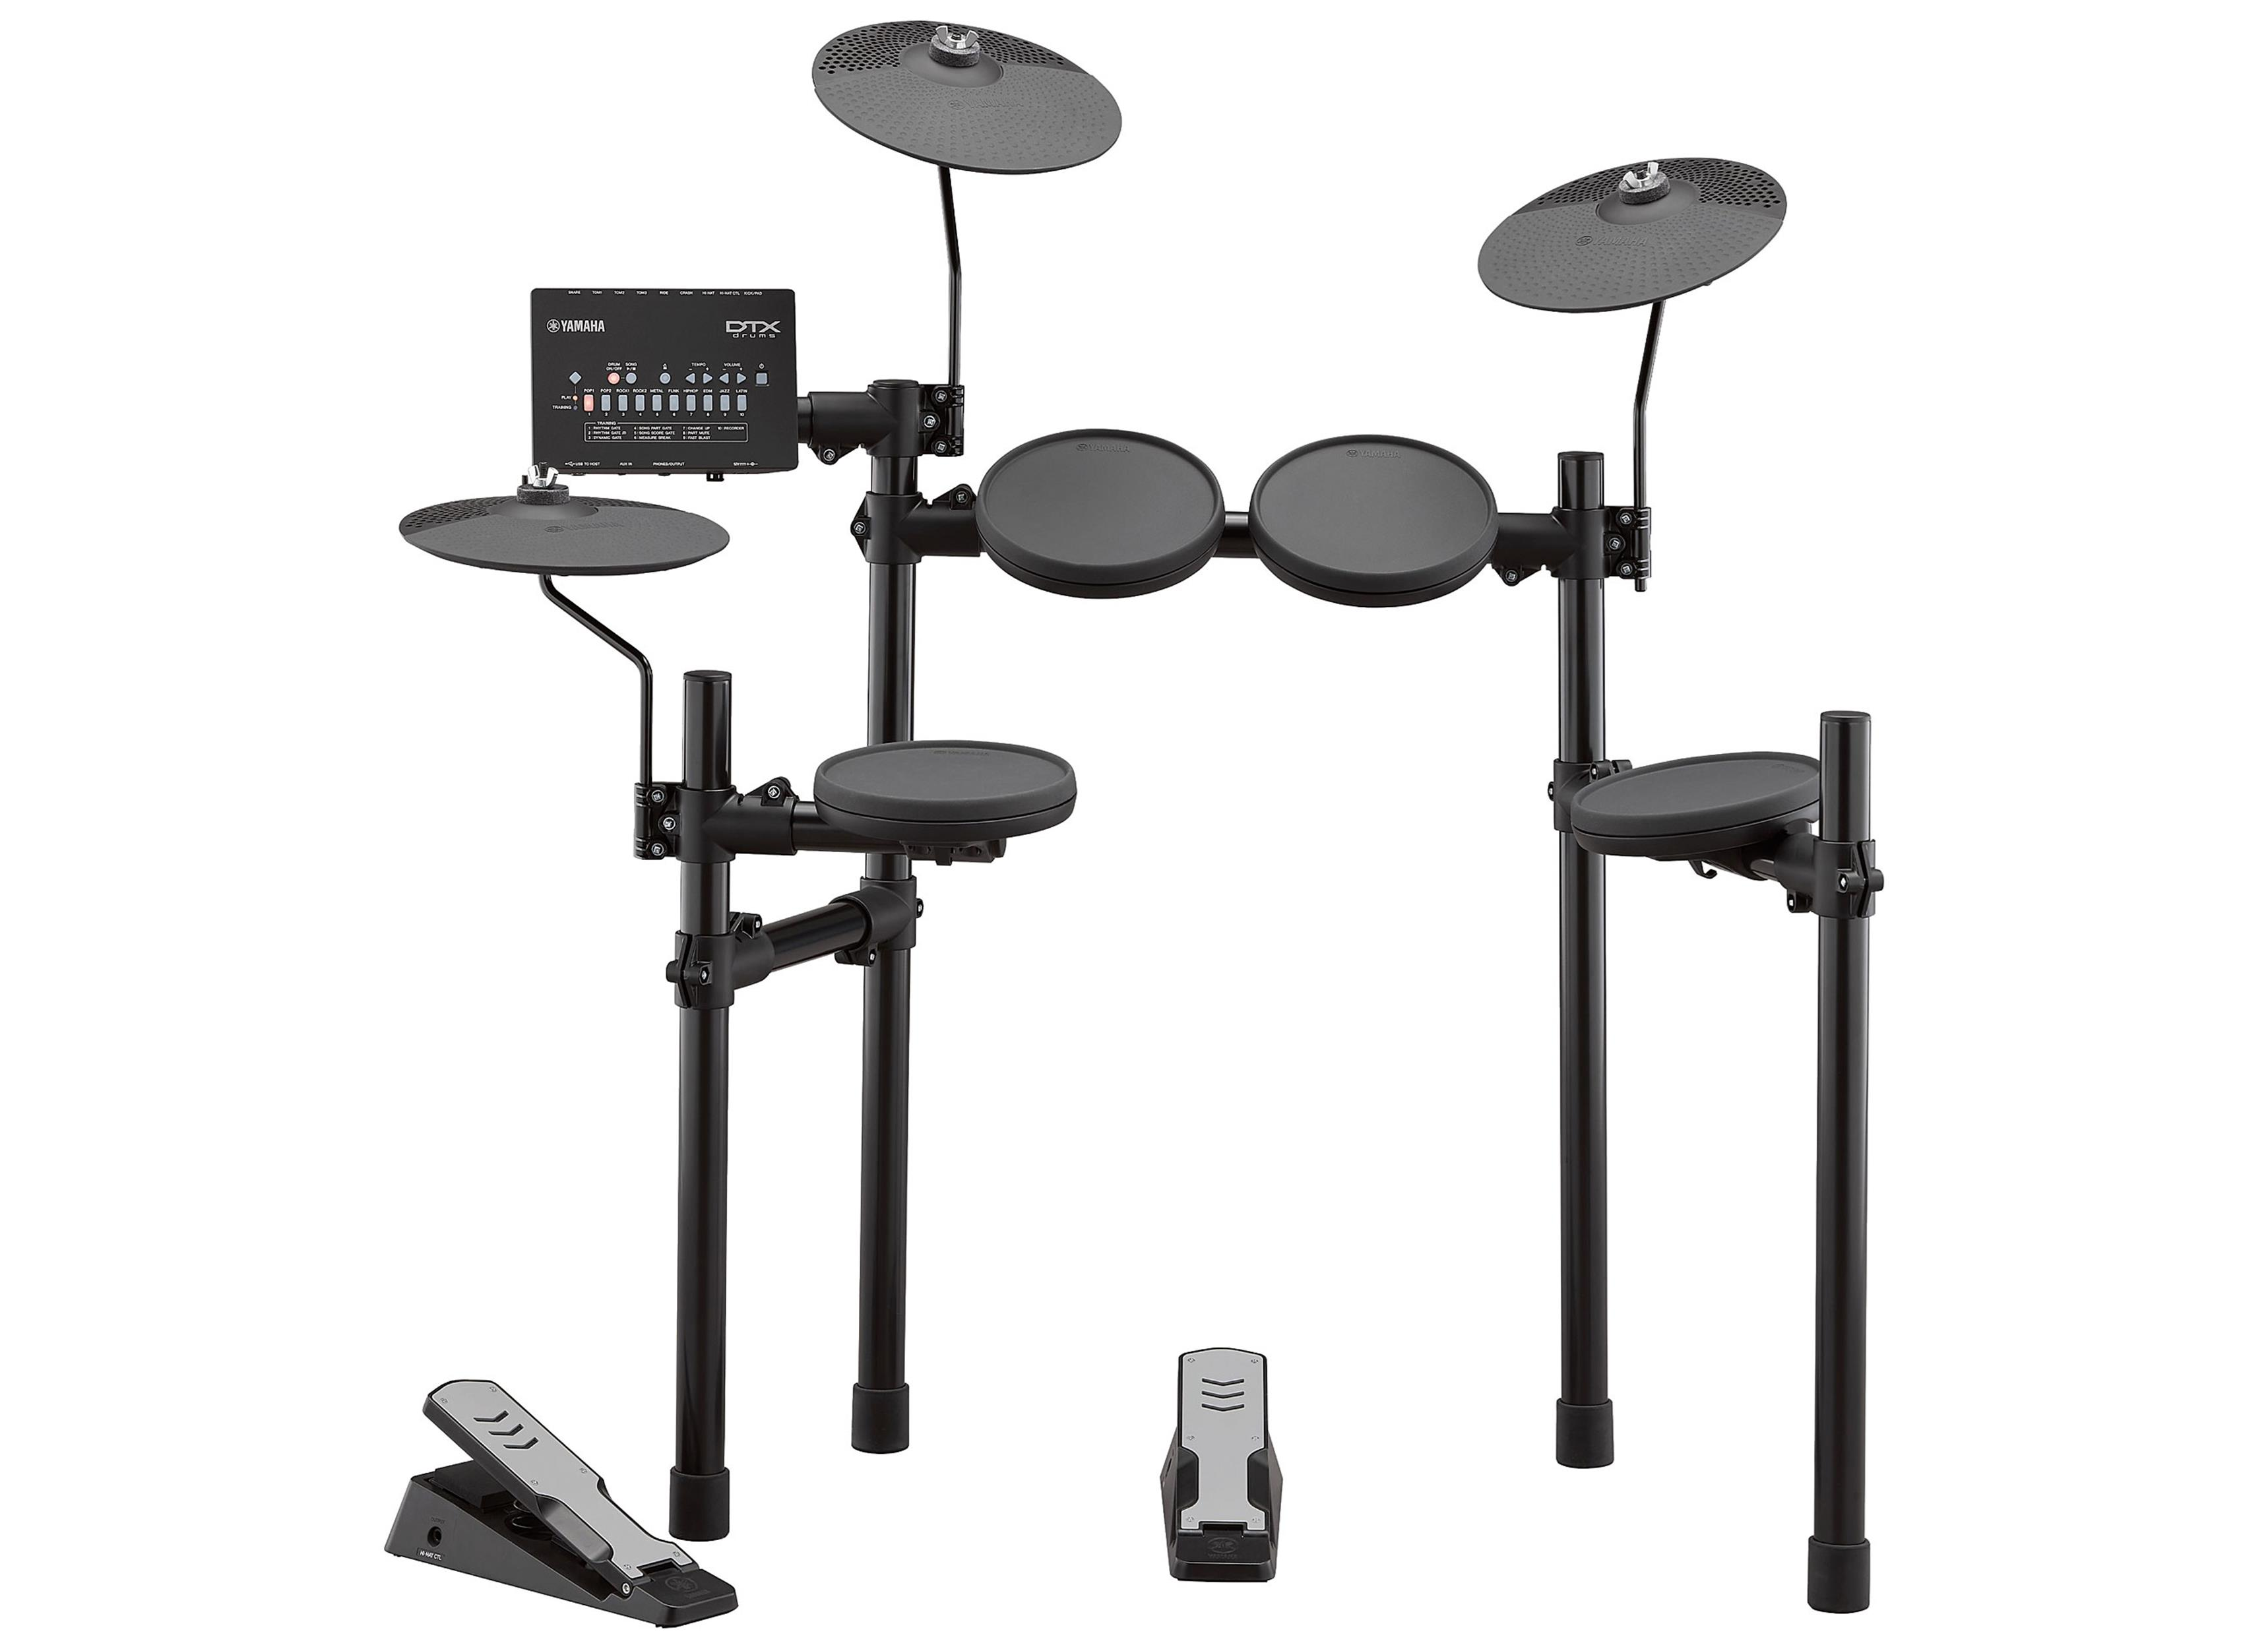 YAMAHA DTX402K BATTERIA ELETTRONICA - Batterie / Percussioni Batterie Elettroniche - Moduli e Pad